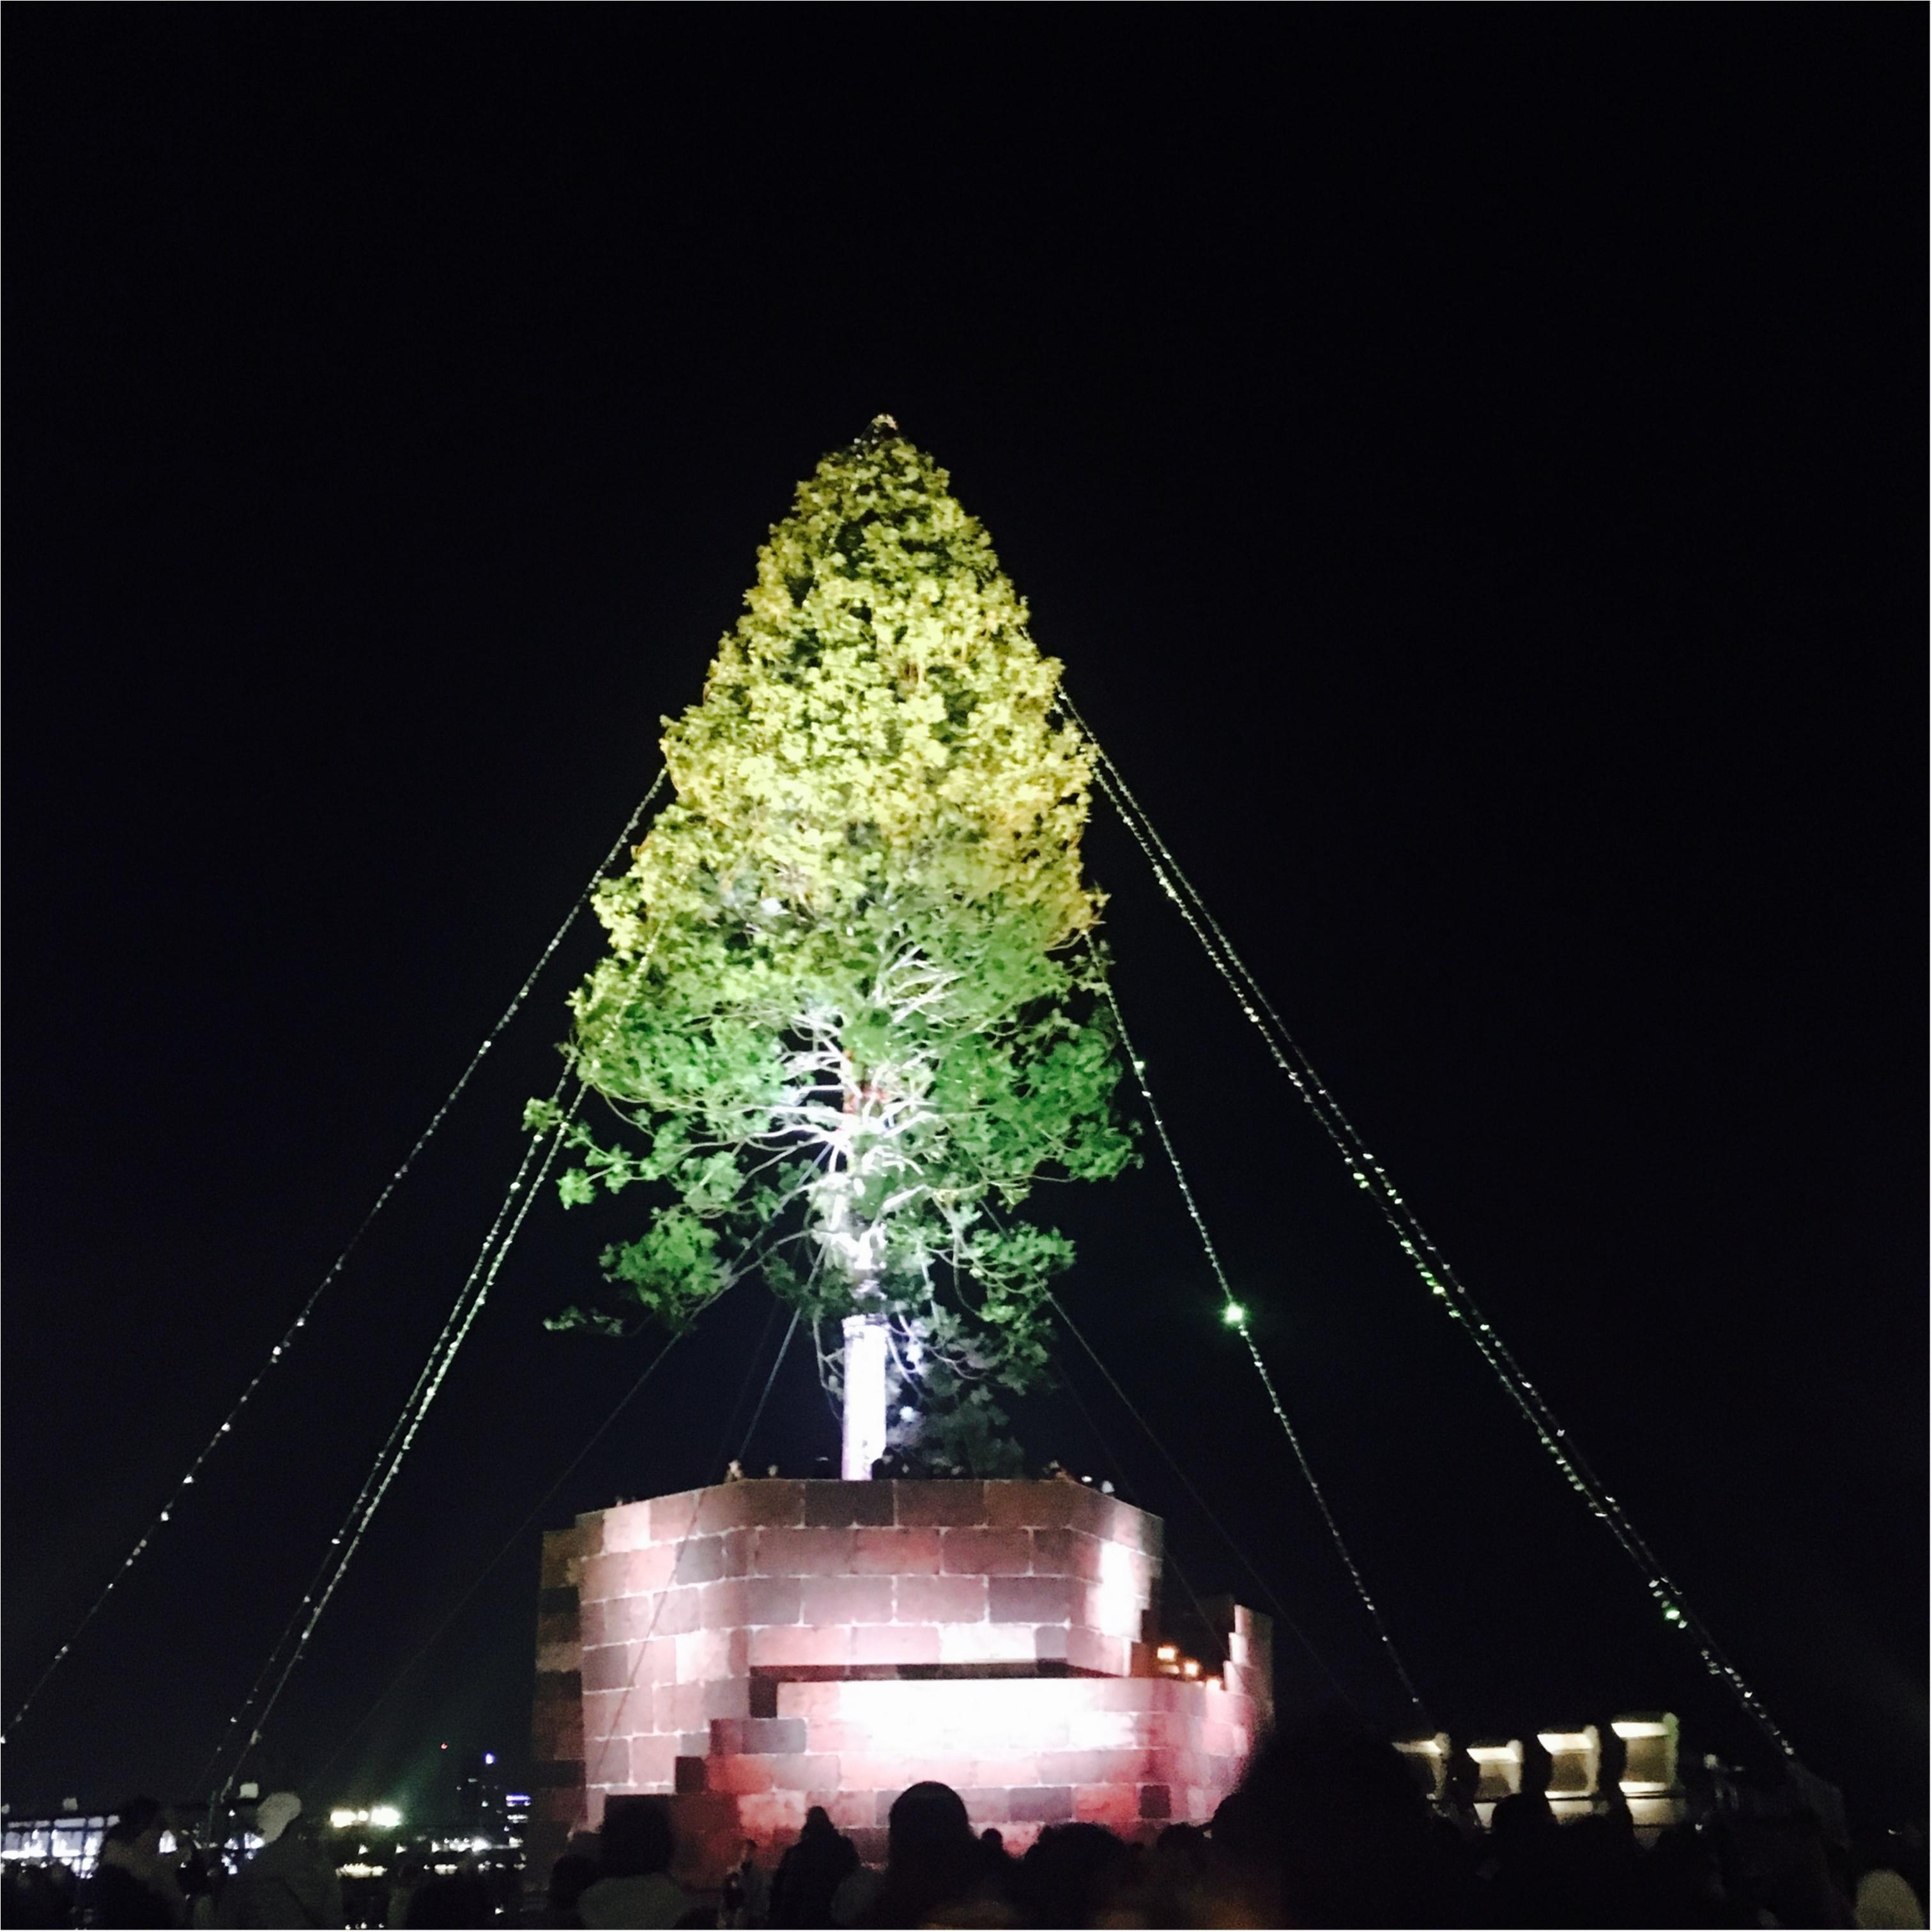 福岡大宰府天満宮におしゃれな『スタバ』が!! 神戸に世界一高いツリーがある?! 今週の「ご当地モア」ランキング!_1_2